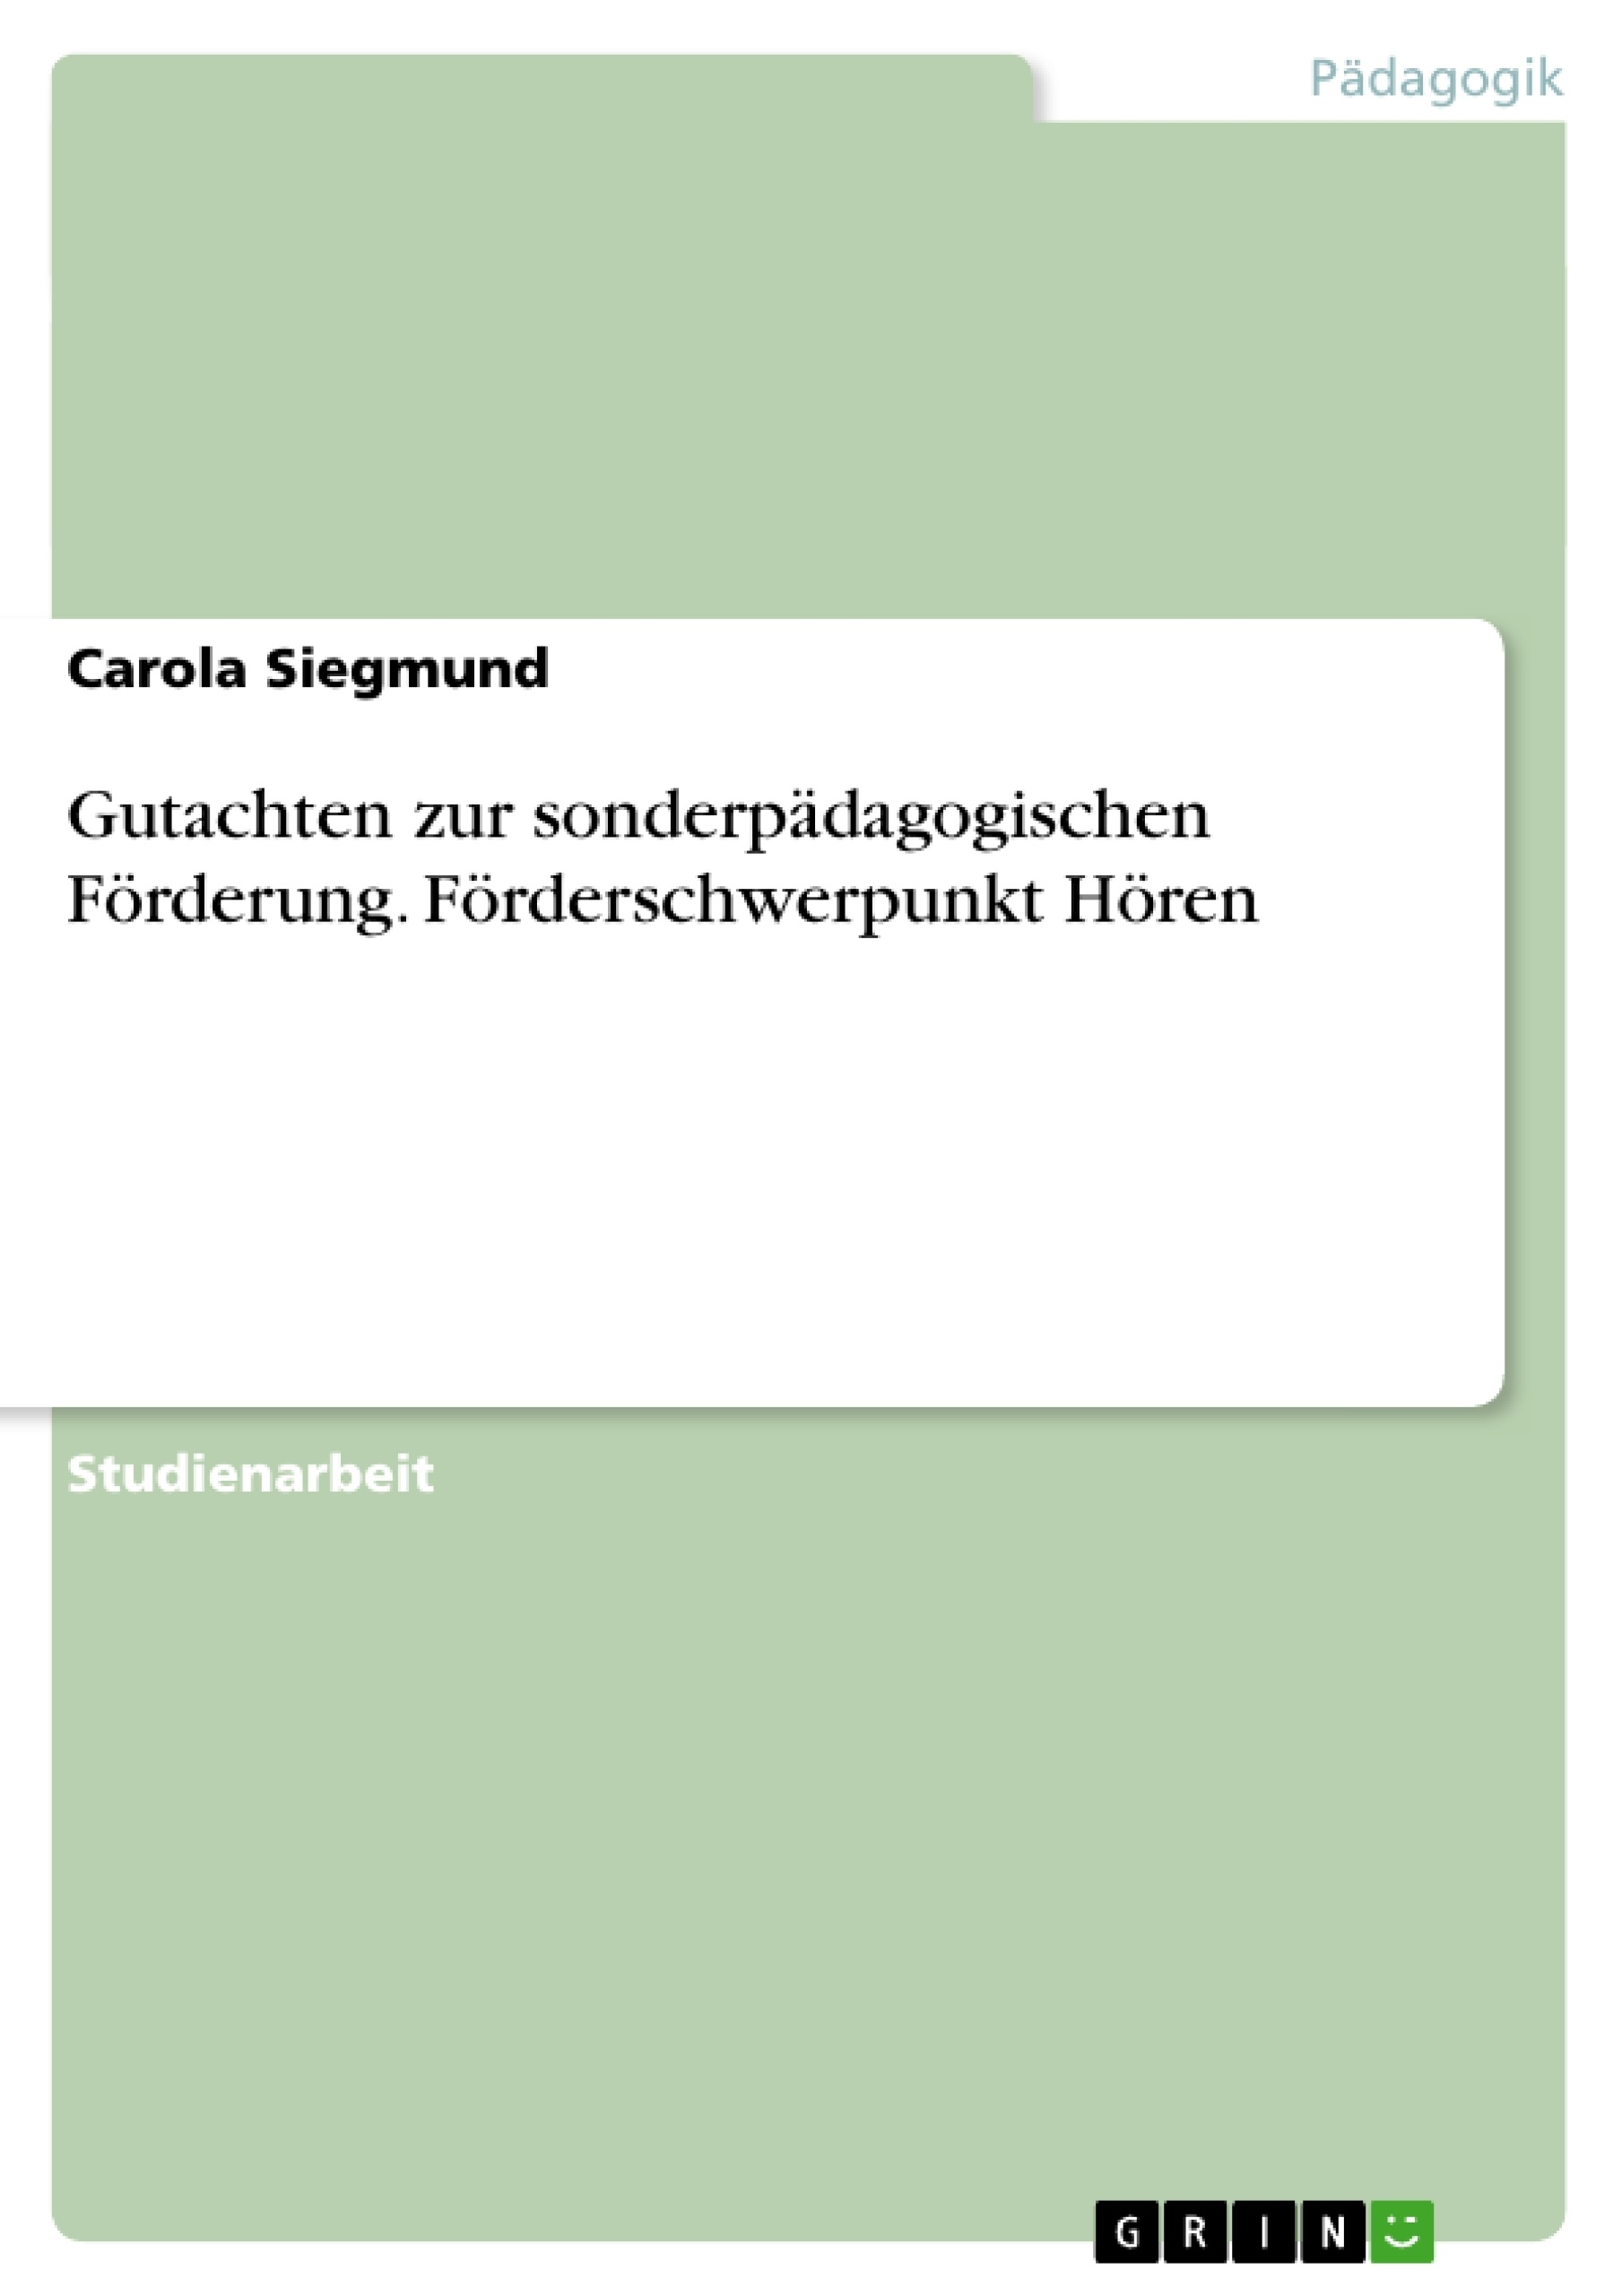 Titel: Gutachten zur sonderpädagogischen Förderung. Förderschwerpunkt Hören